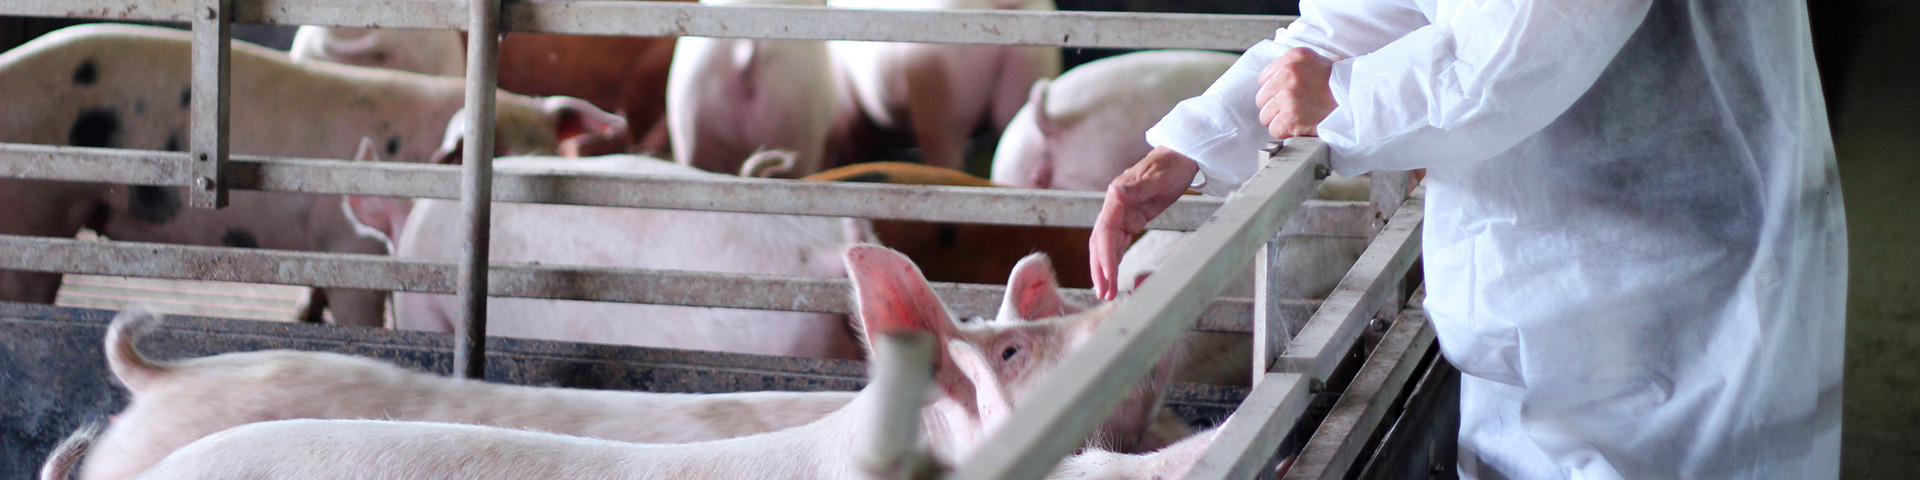 Bioseguridad, Salud y Bienestar animal | MACOGA